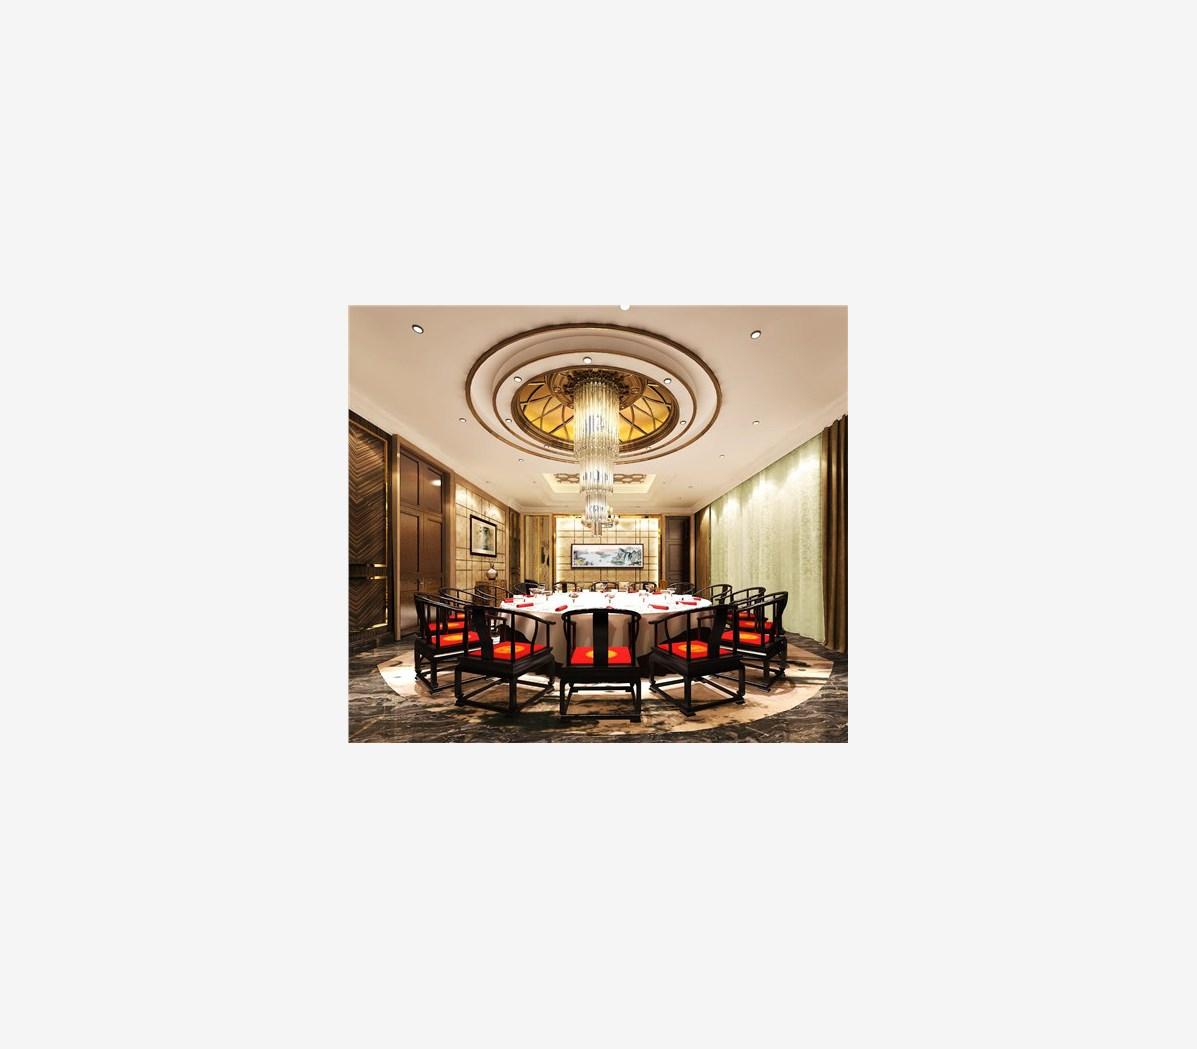 酒店装修酒店装修青浦区官方酒店装修便宜,酒店装修